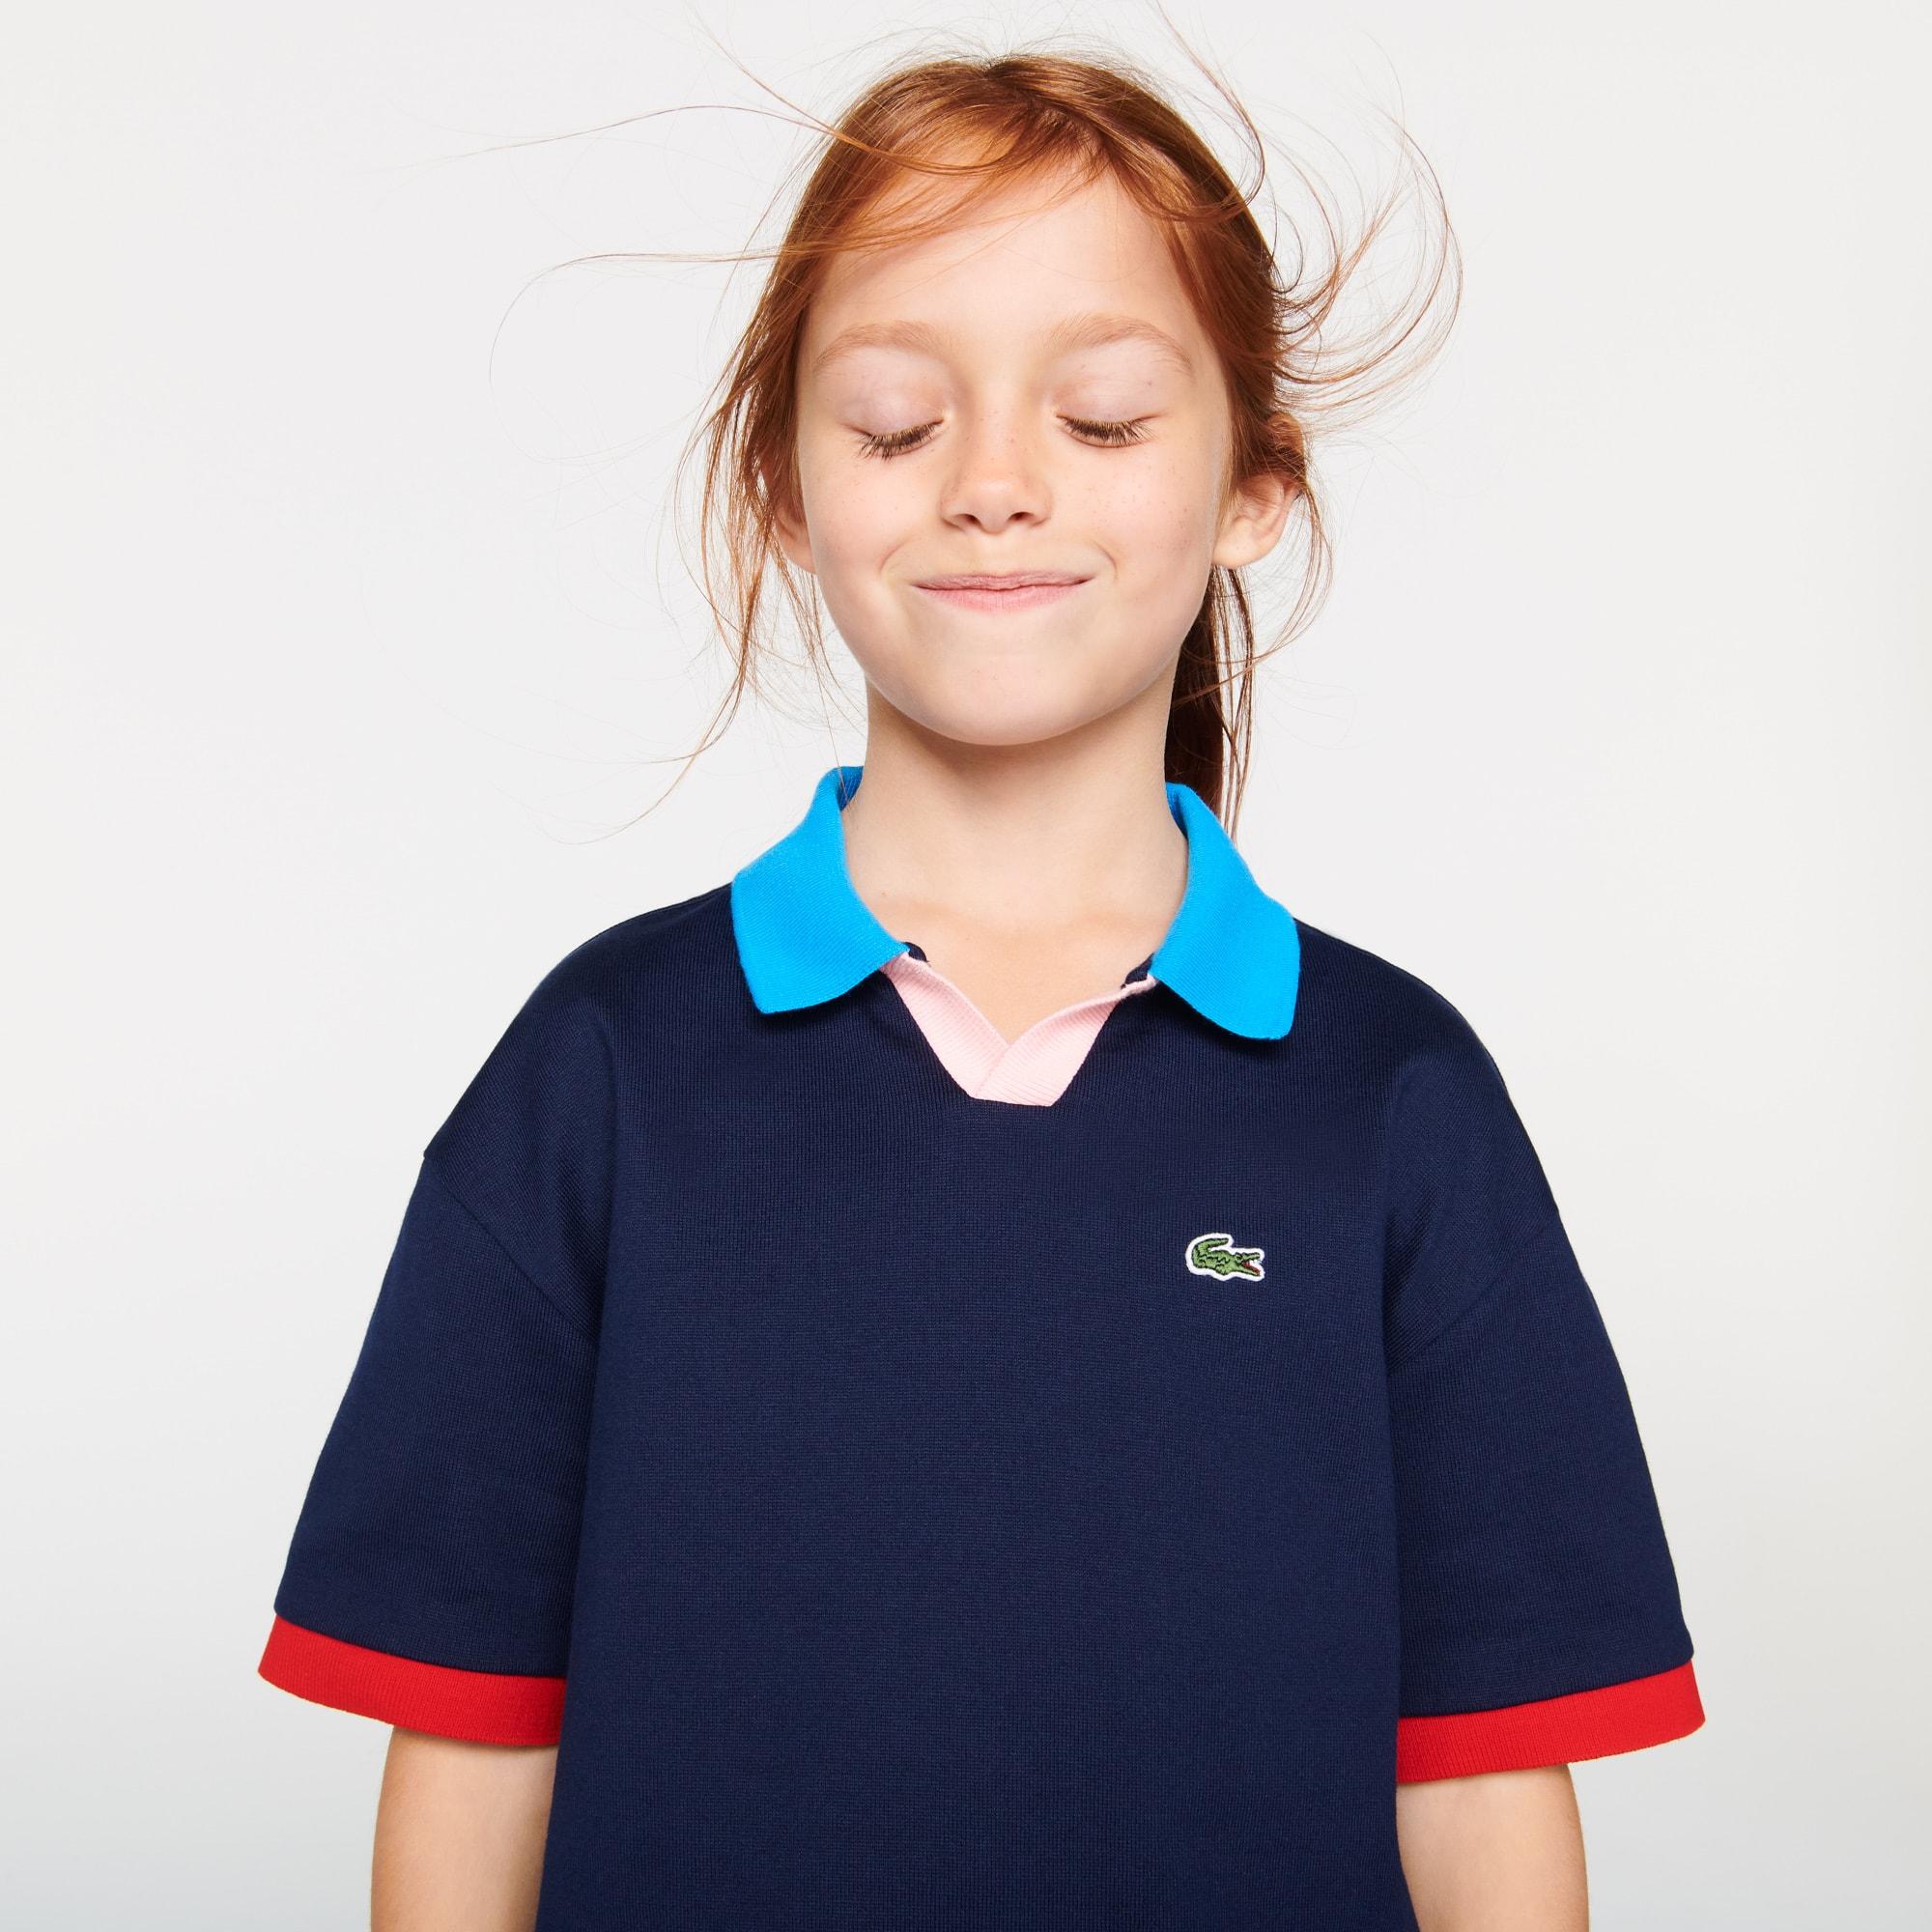 라코스테 걸즈 컬러블록 폴로티 Lacoste Girls' Colorblock Cotton Polo,Navy Blue / White QRN